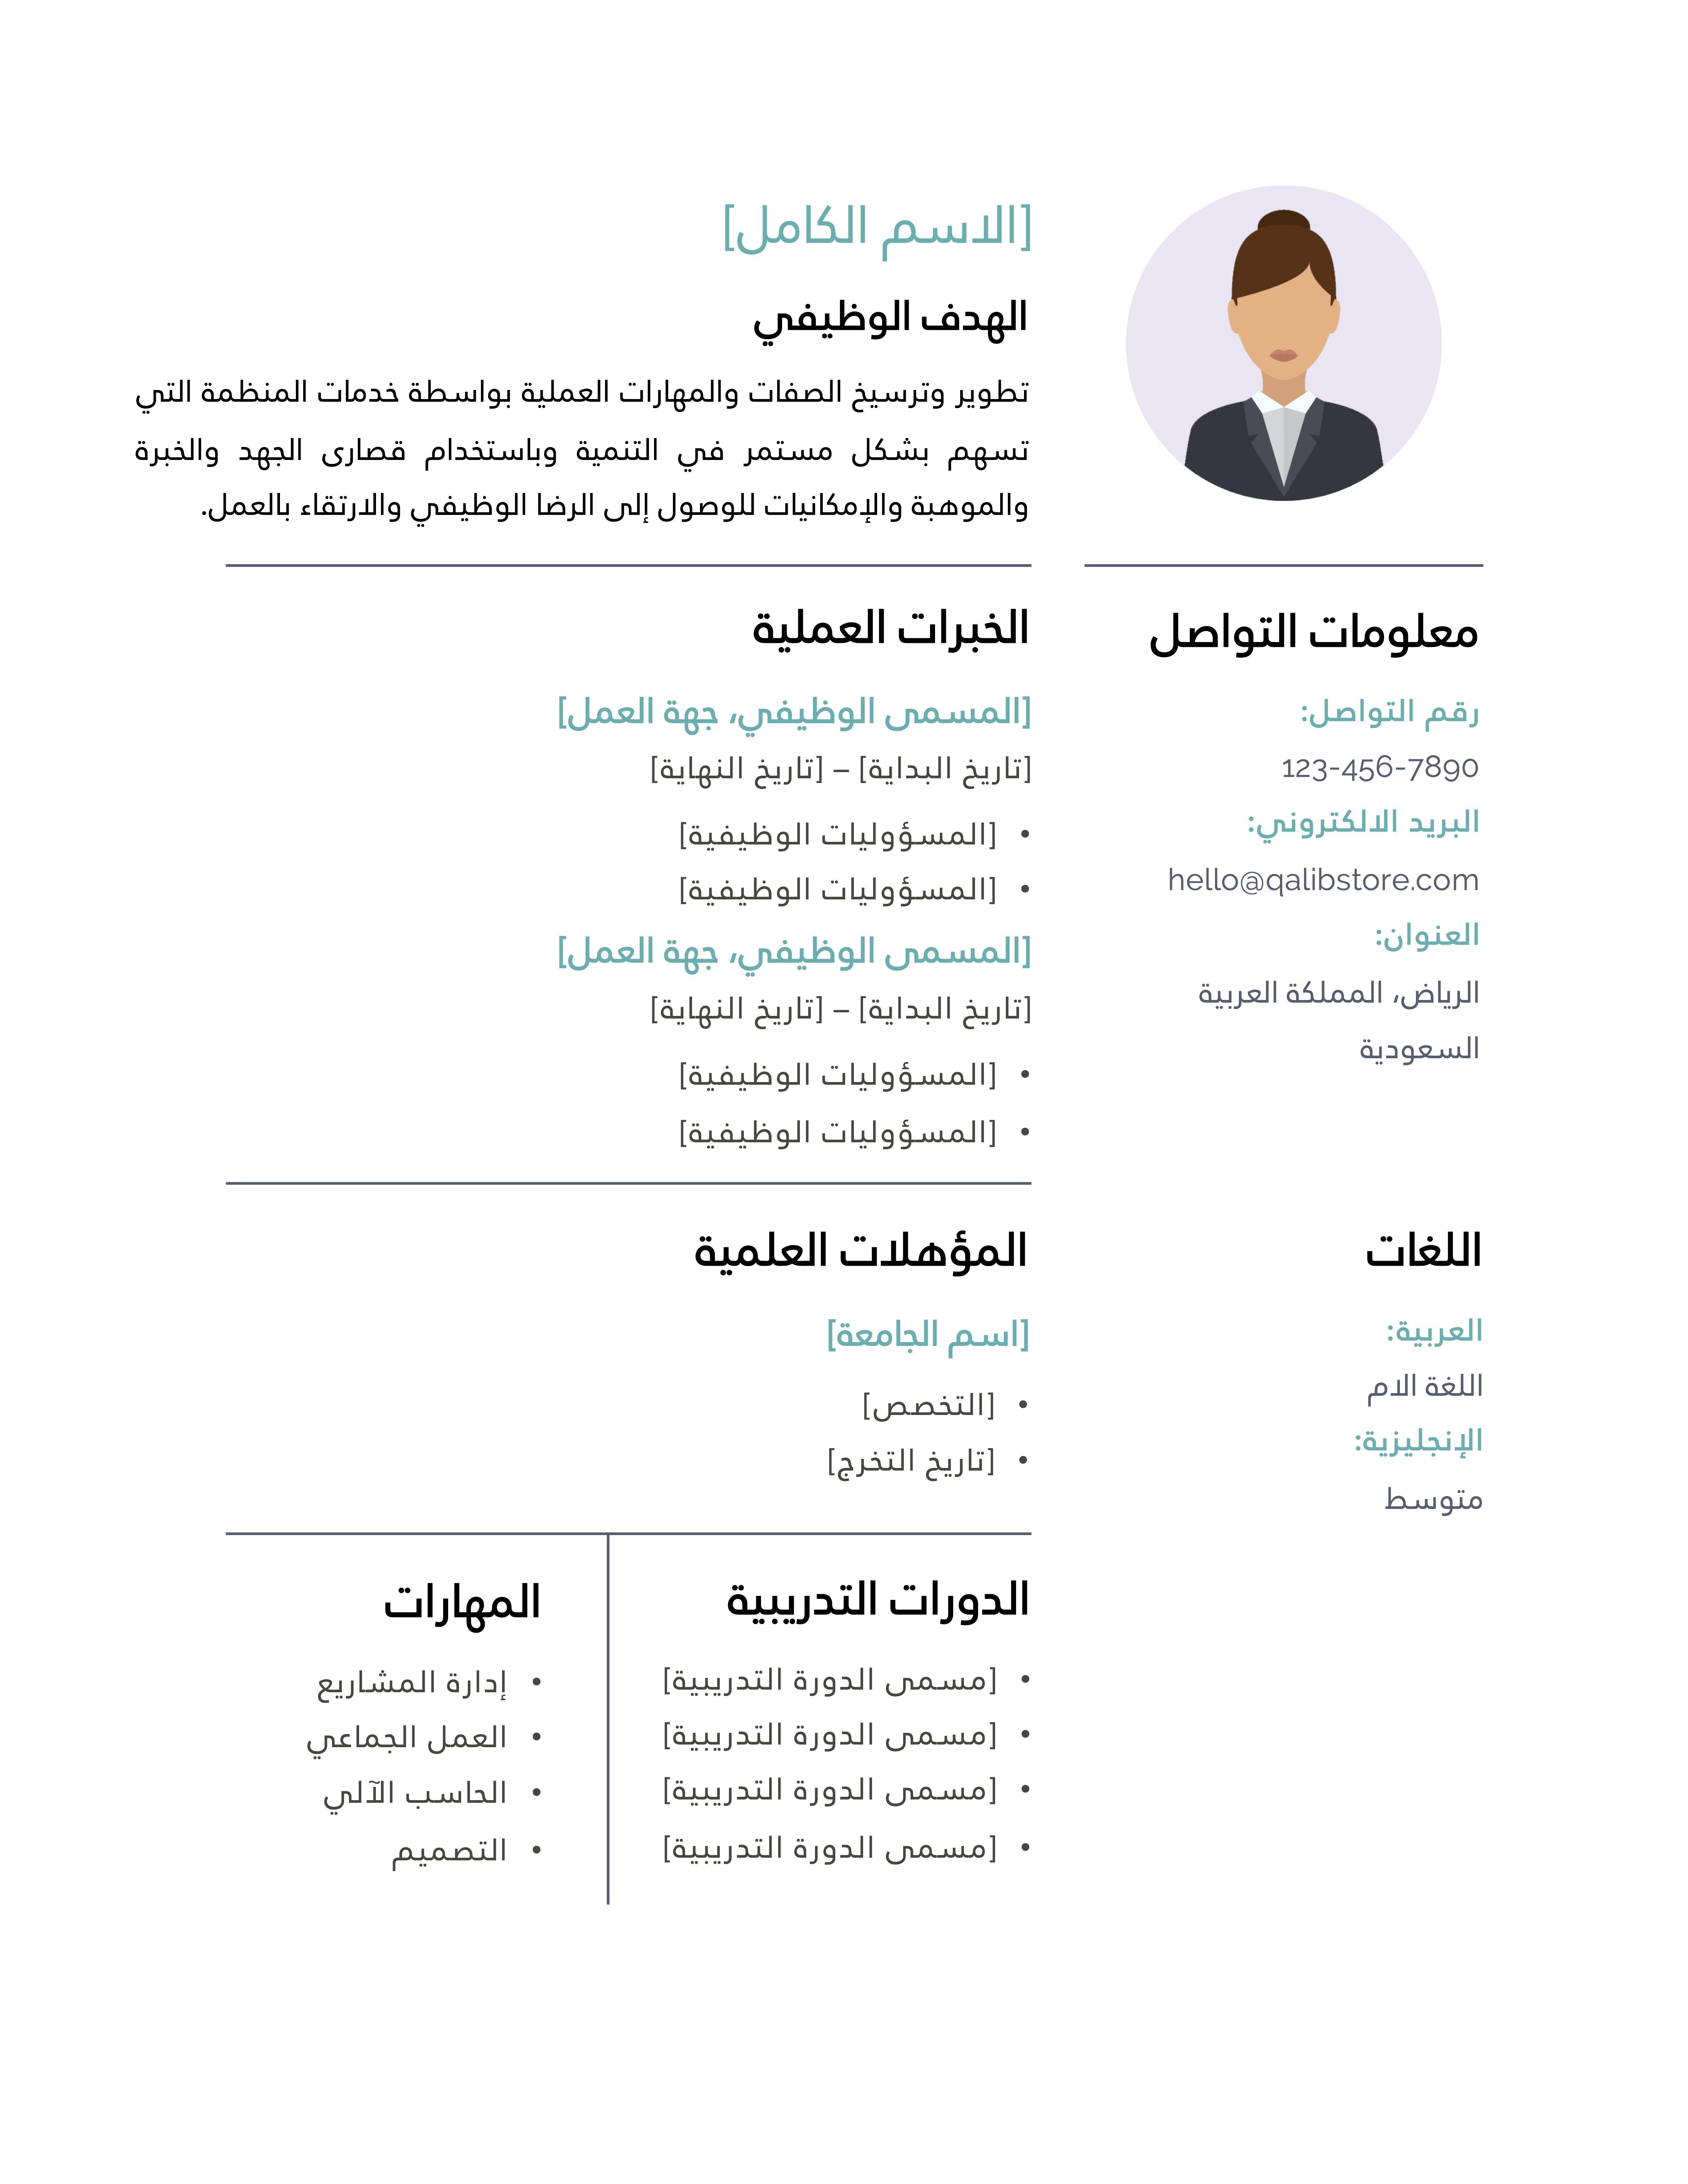 قالب سيرة ذاتية عربي مصمم بطريقة احترافية